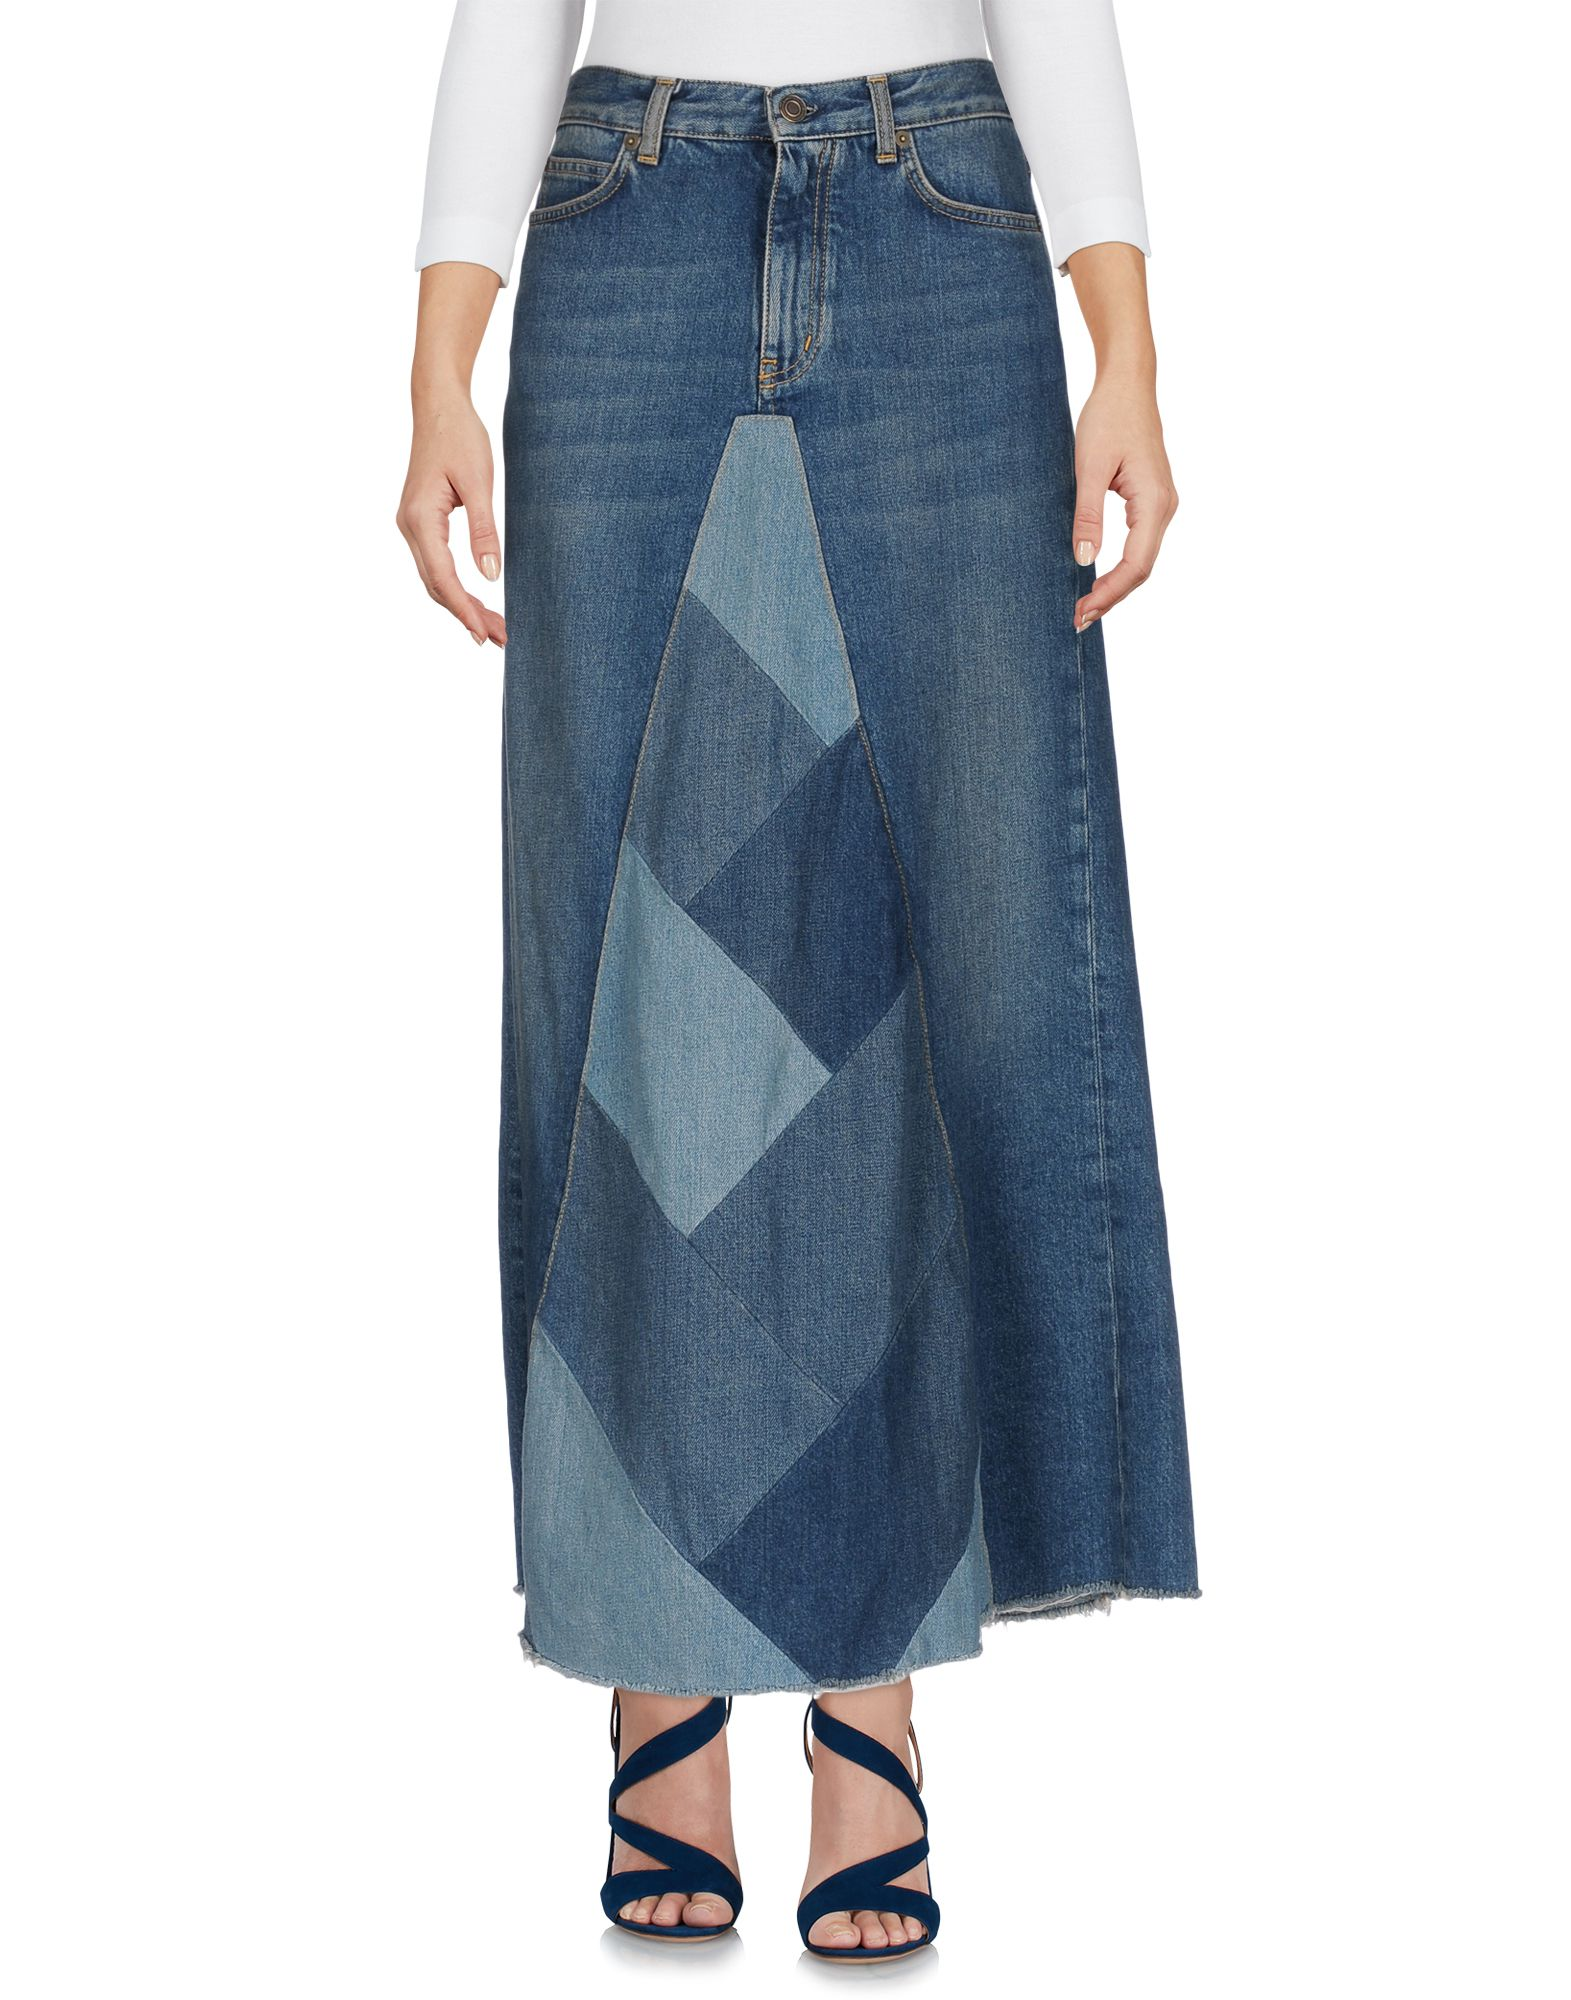 SAINT LAURENT Джинсовая юбка saint laurent джинсовая верхняя одежда